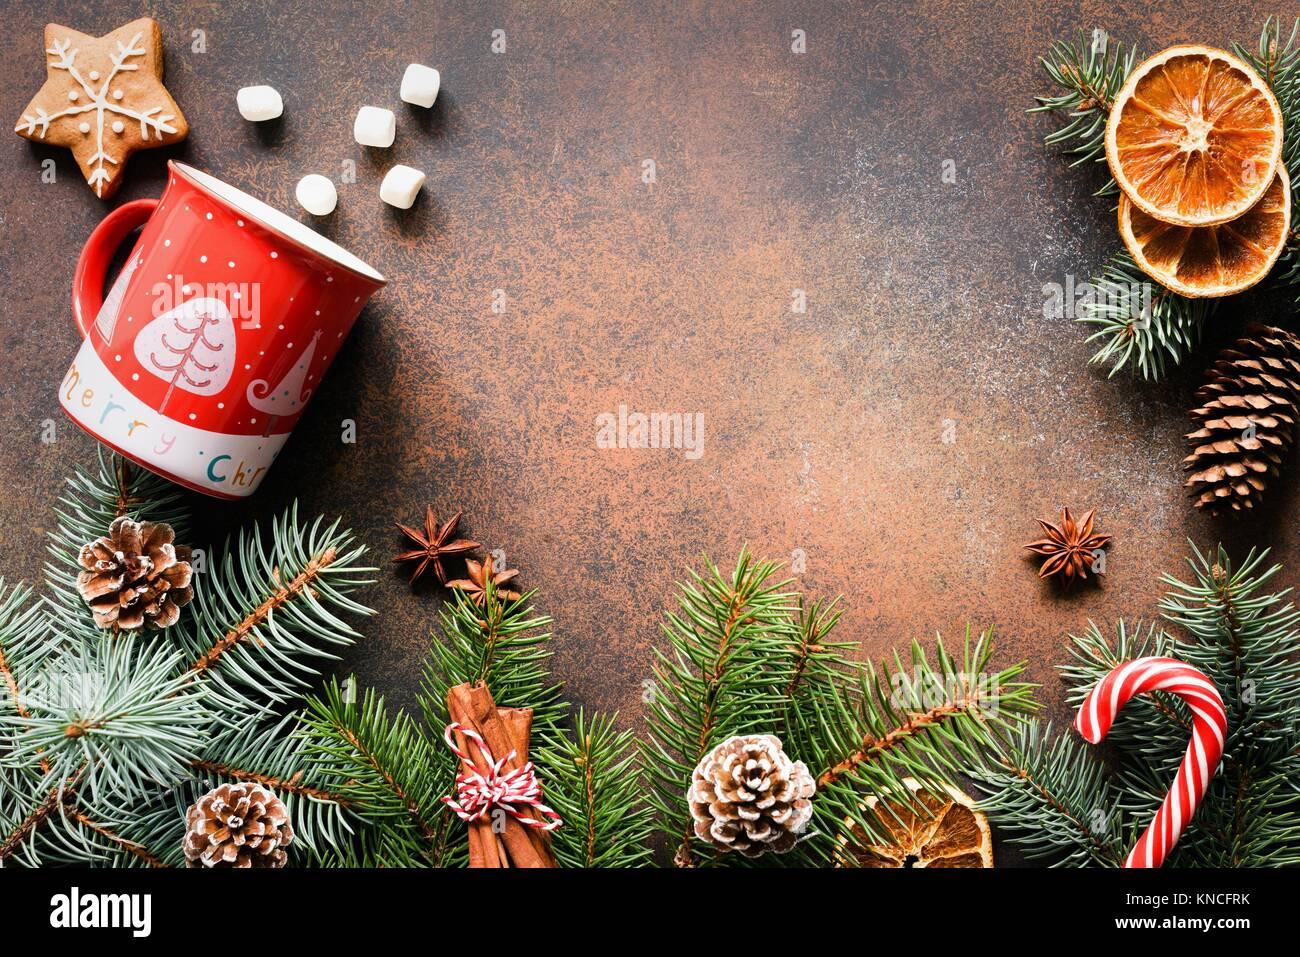 Weihnachten oder Neujahr Rahmen mit Tannenbaum